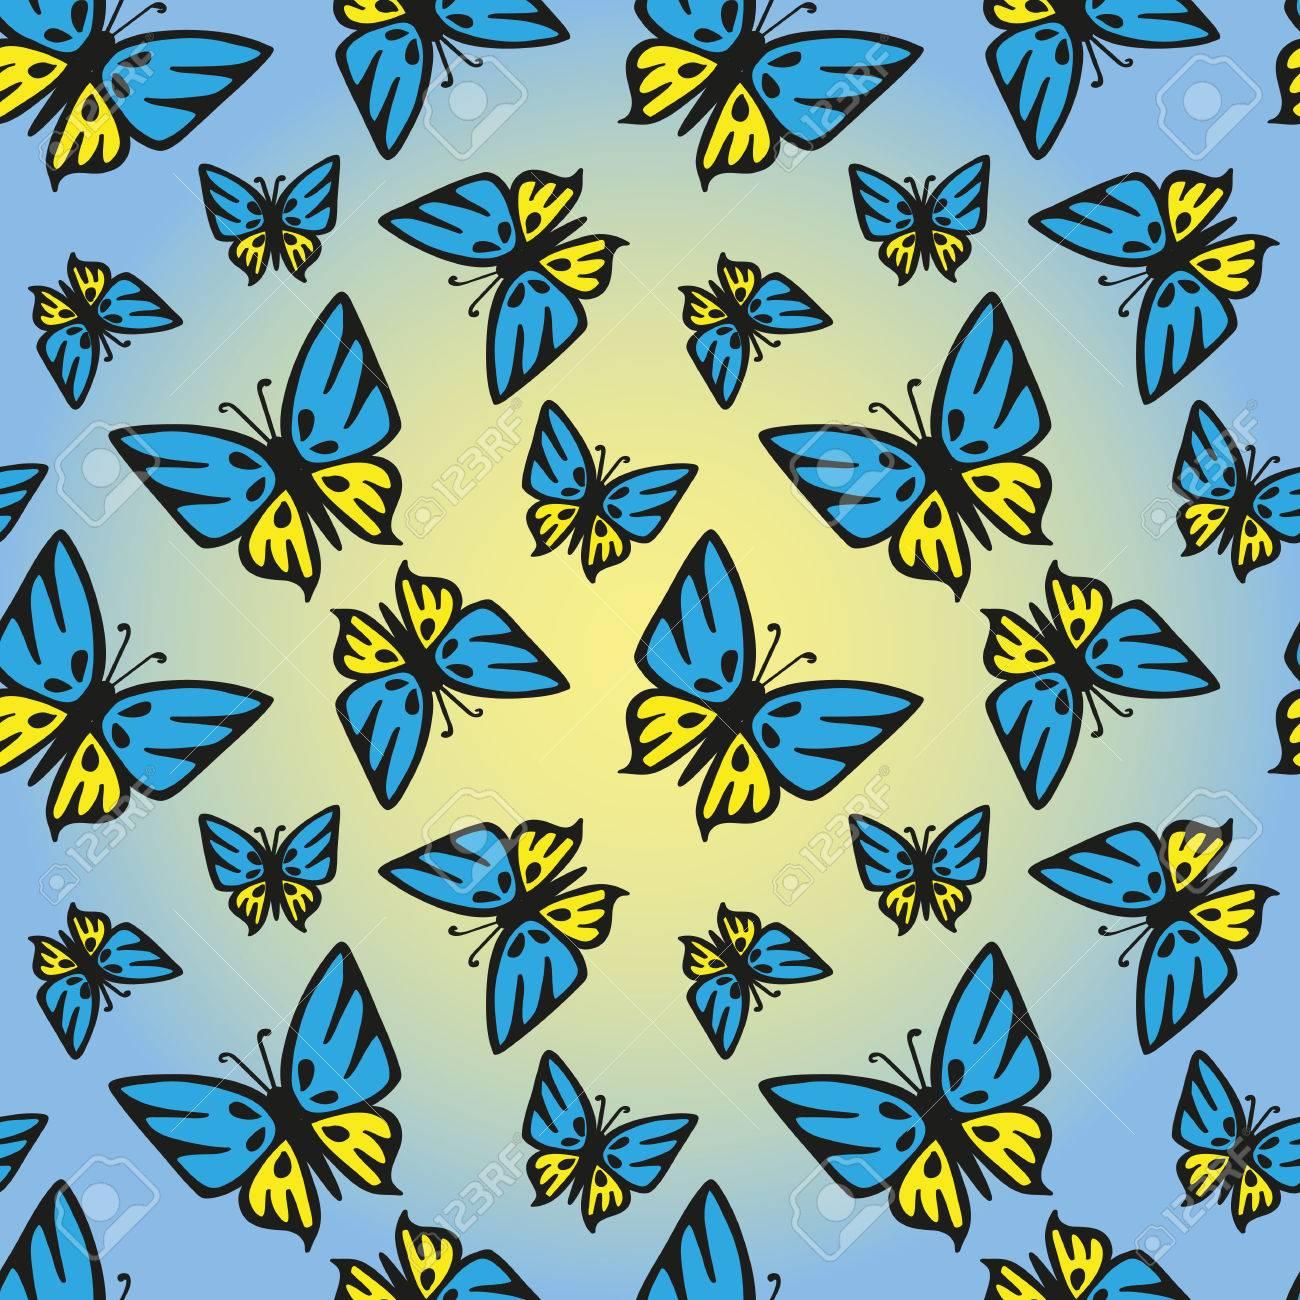 What do blue butterflies symbolize best image and description blue butterfly qygjxz buycottarizona